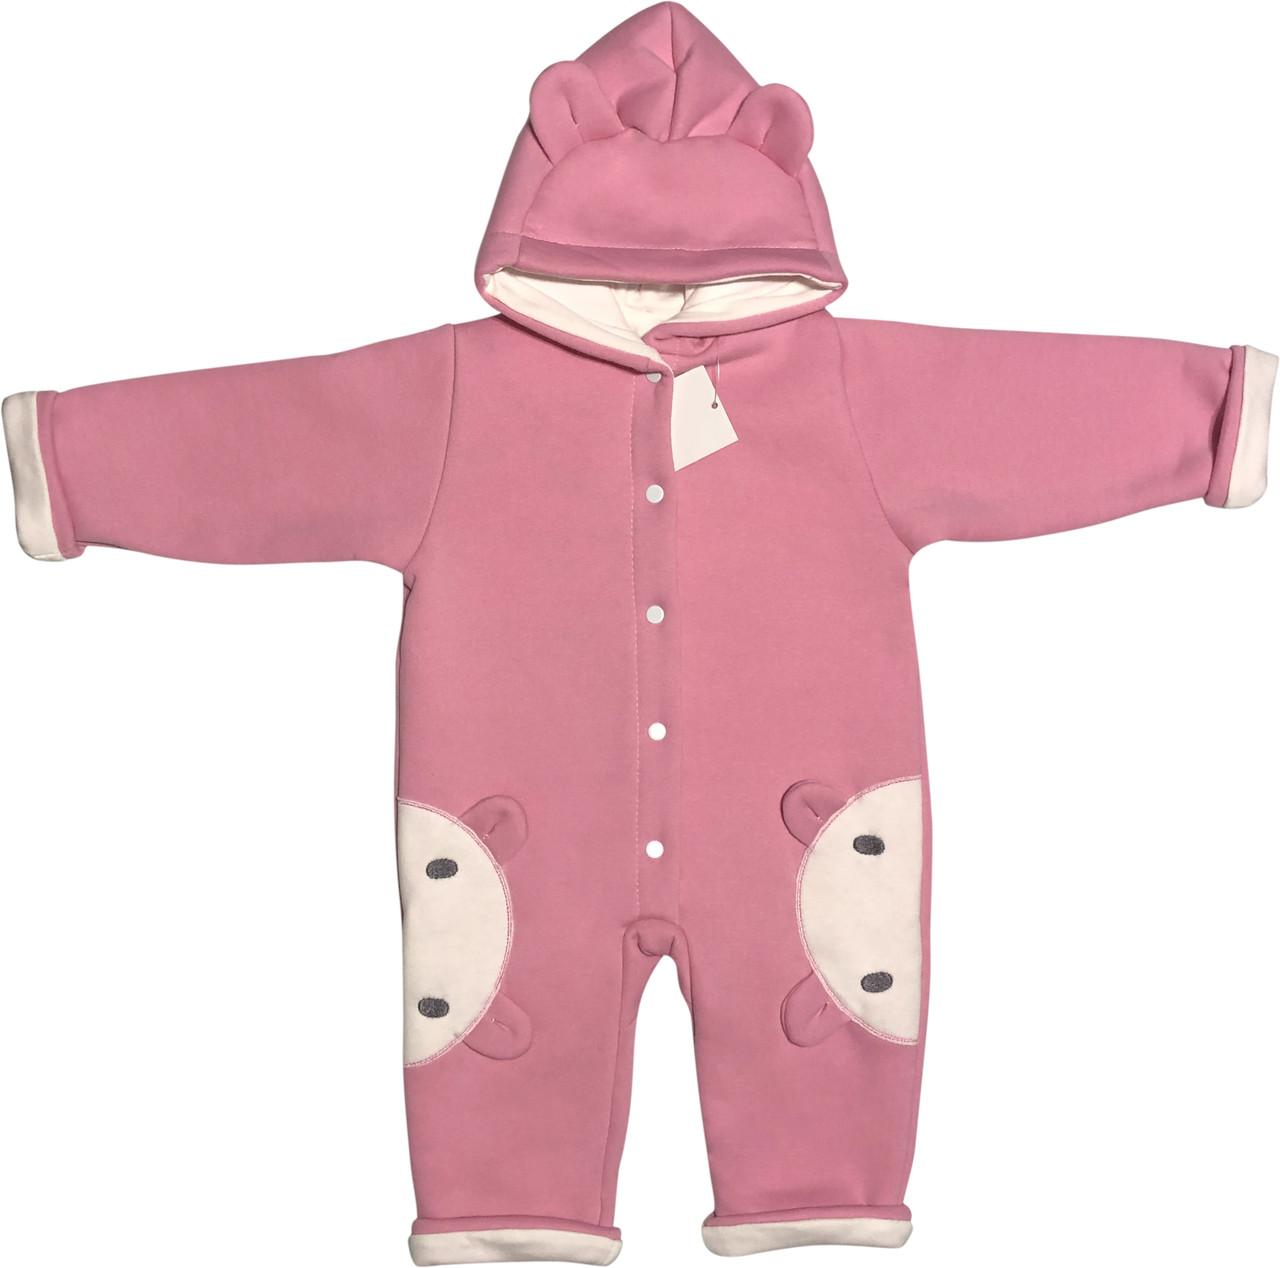 Детский утеплённый человечек с подкладкой рост 74 6-9 мес трикотажный розовый на девочку слип с капюшоном для новорожденных малышей Р700